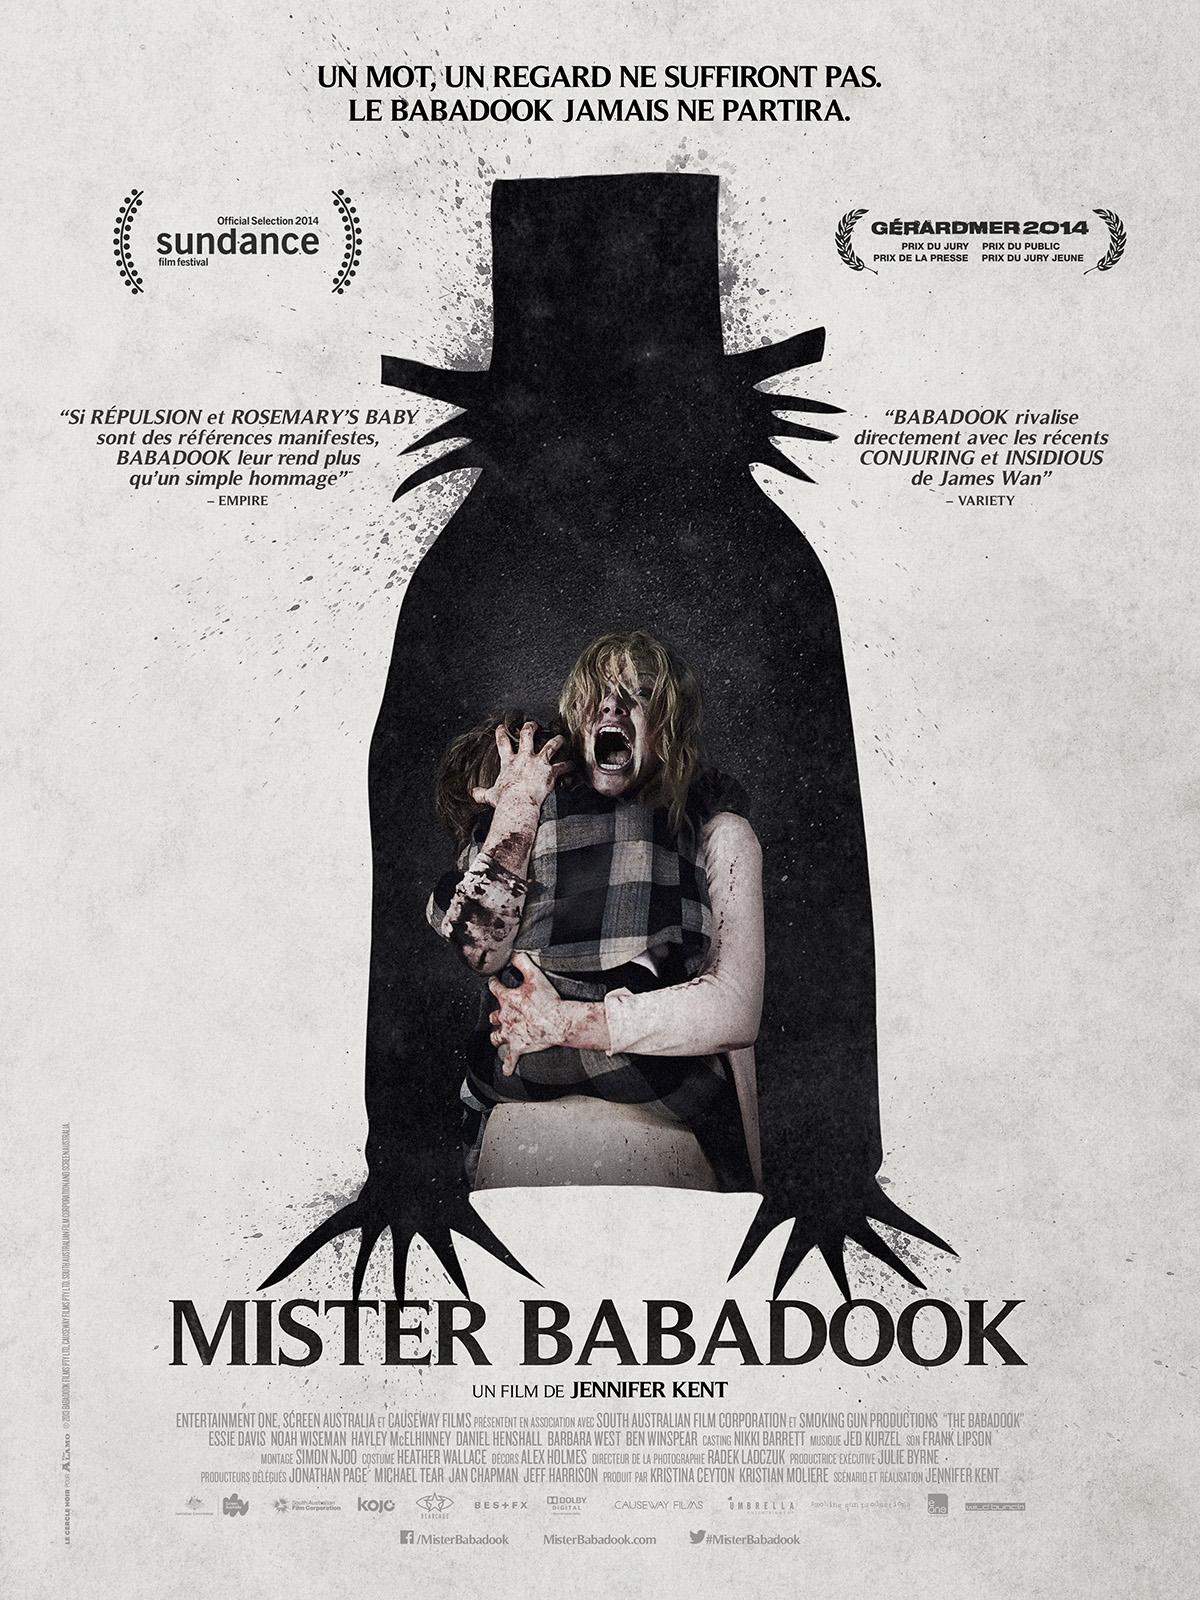 Mister Babadook (2014) de Jennifer Kent